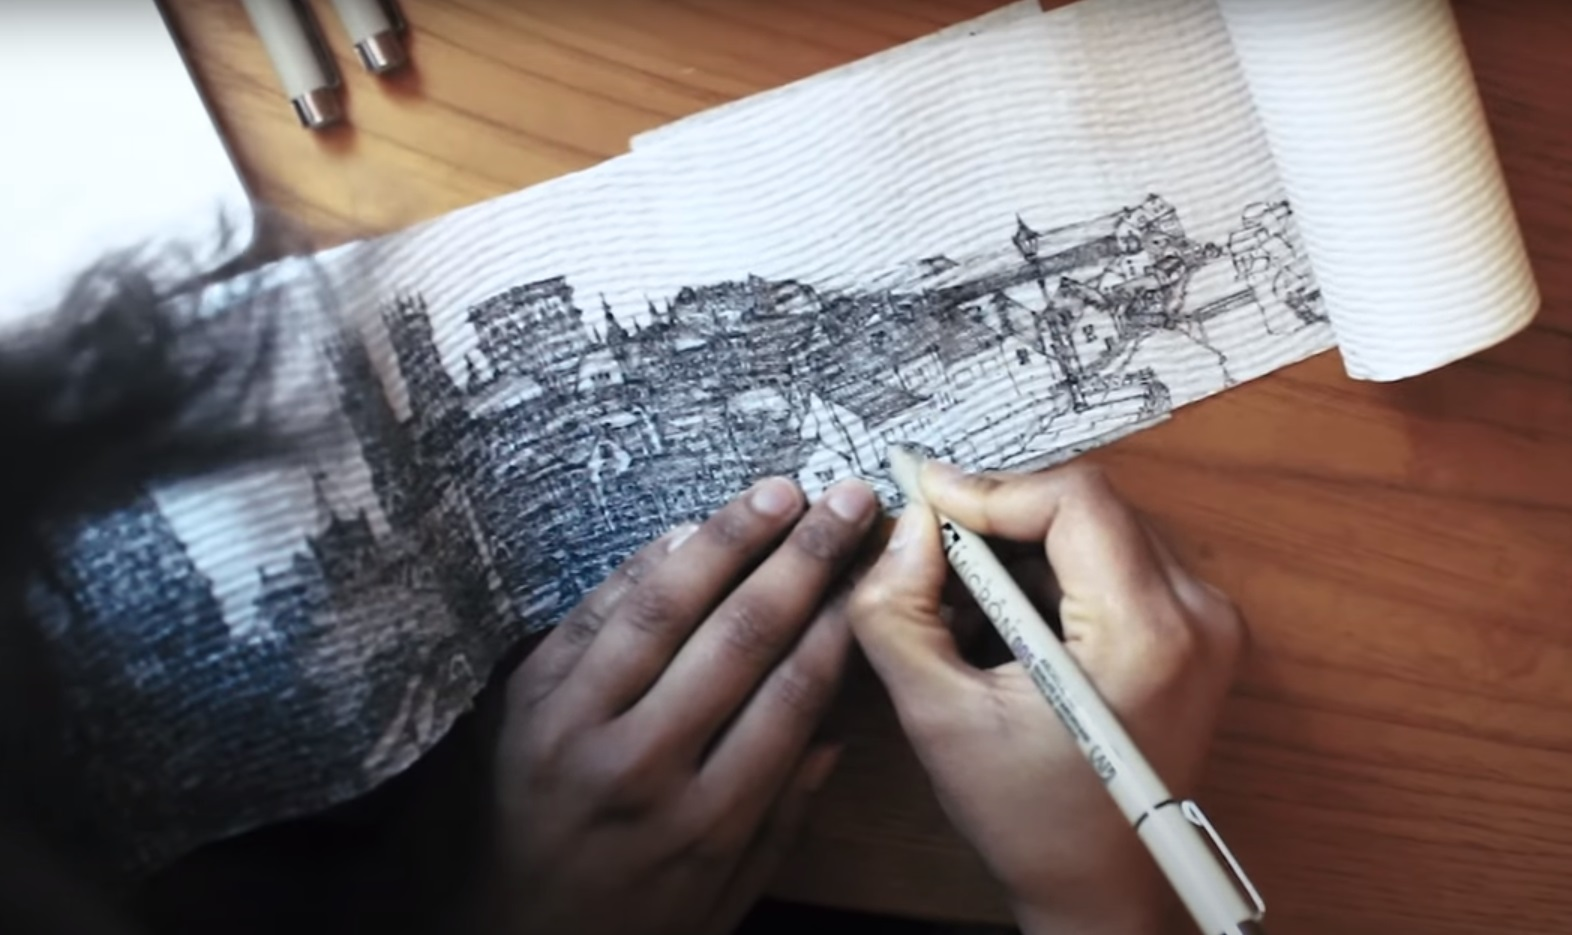 Το ρολό της διαφυγής – Ευρωπαϊκά τοπία ζωγραφισμένα πάνω σε χαρτί υγείας